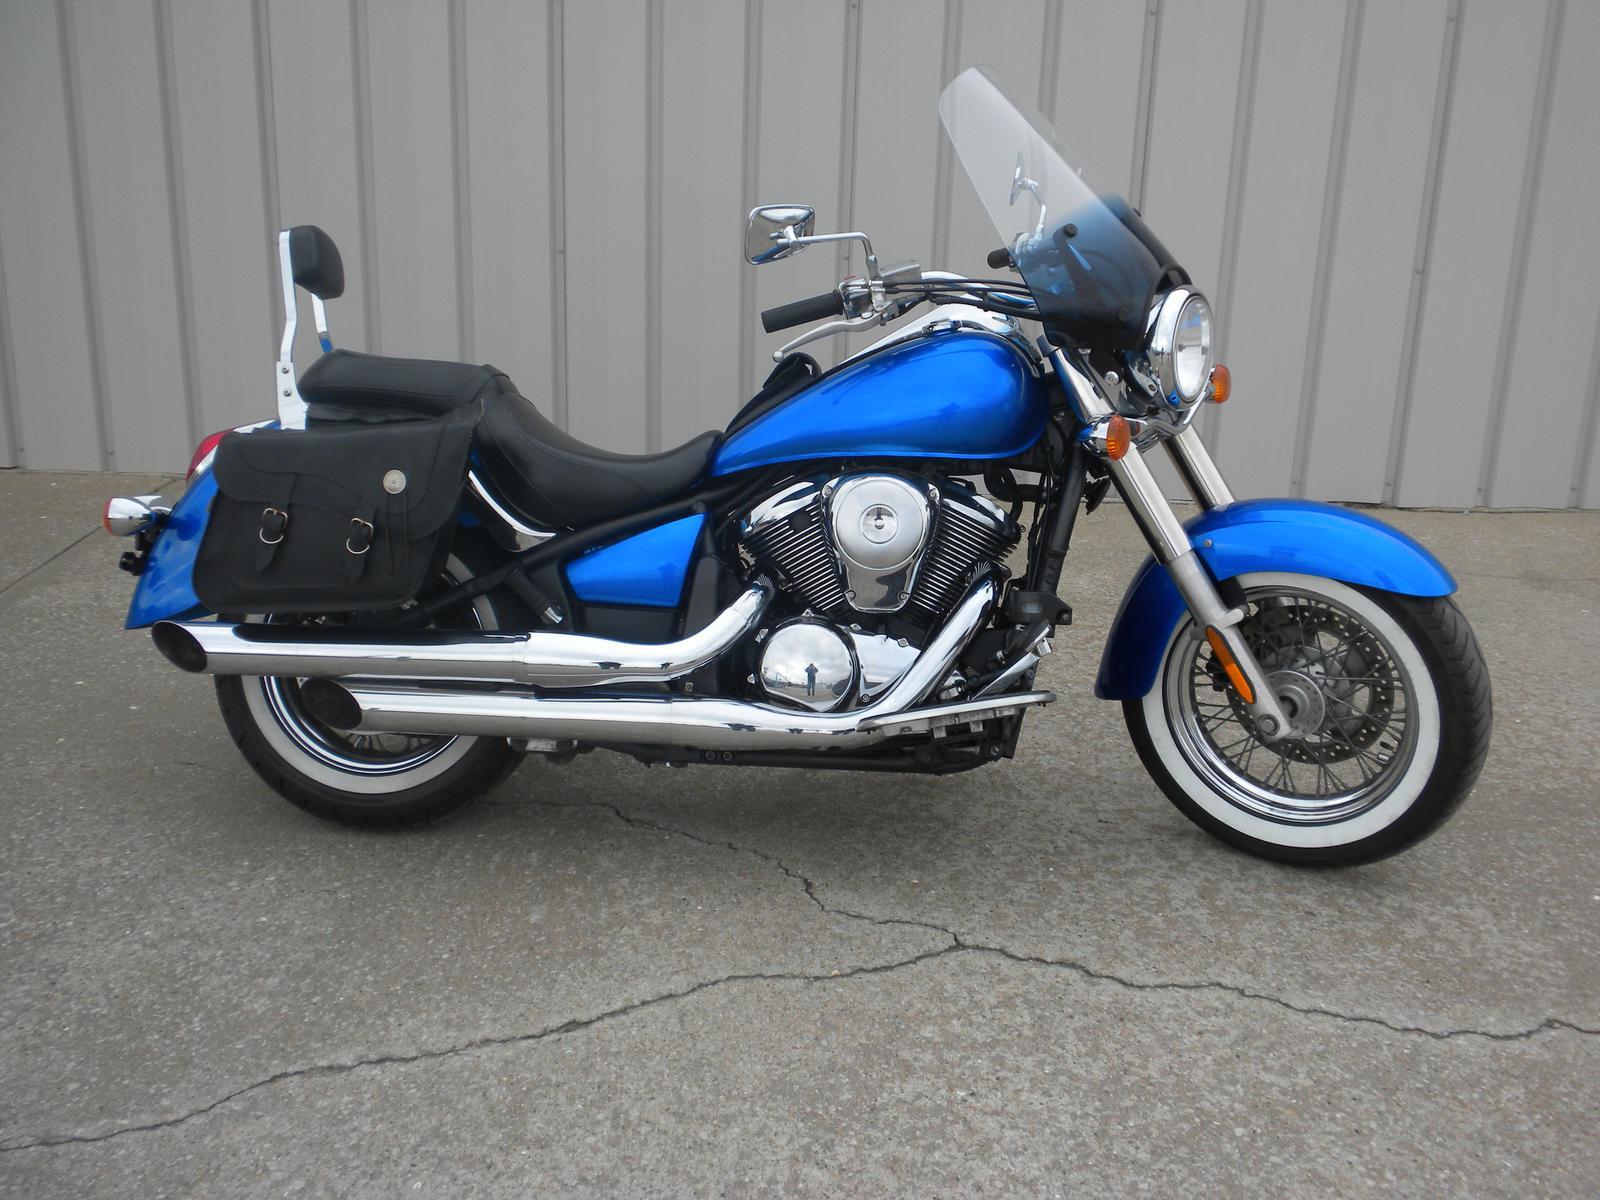 2009 Kawasaki Vulcan 900 Classic for sale in Sedalia, MO. Dick's ...